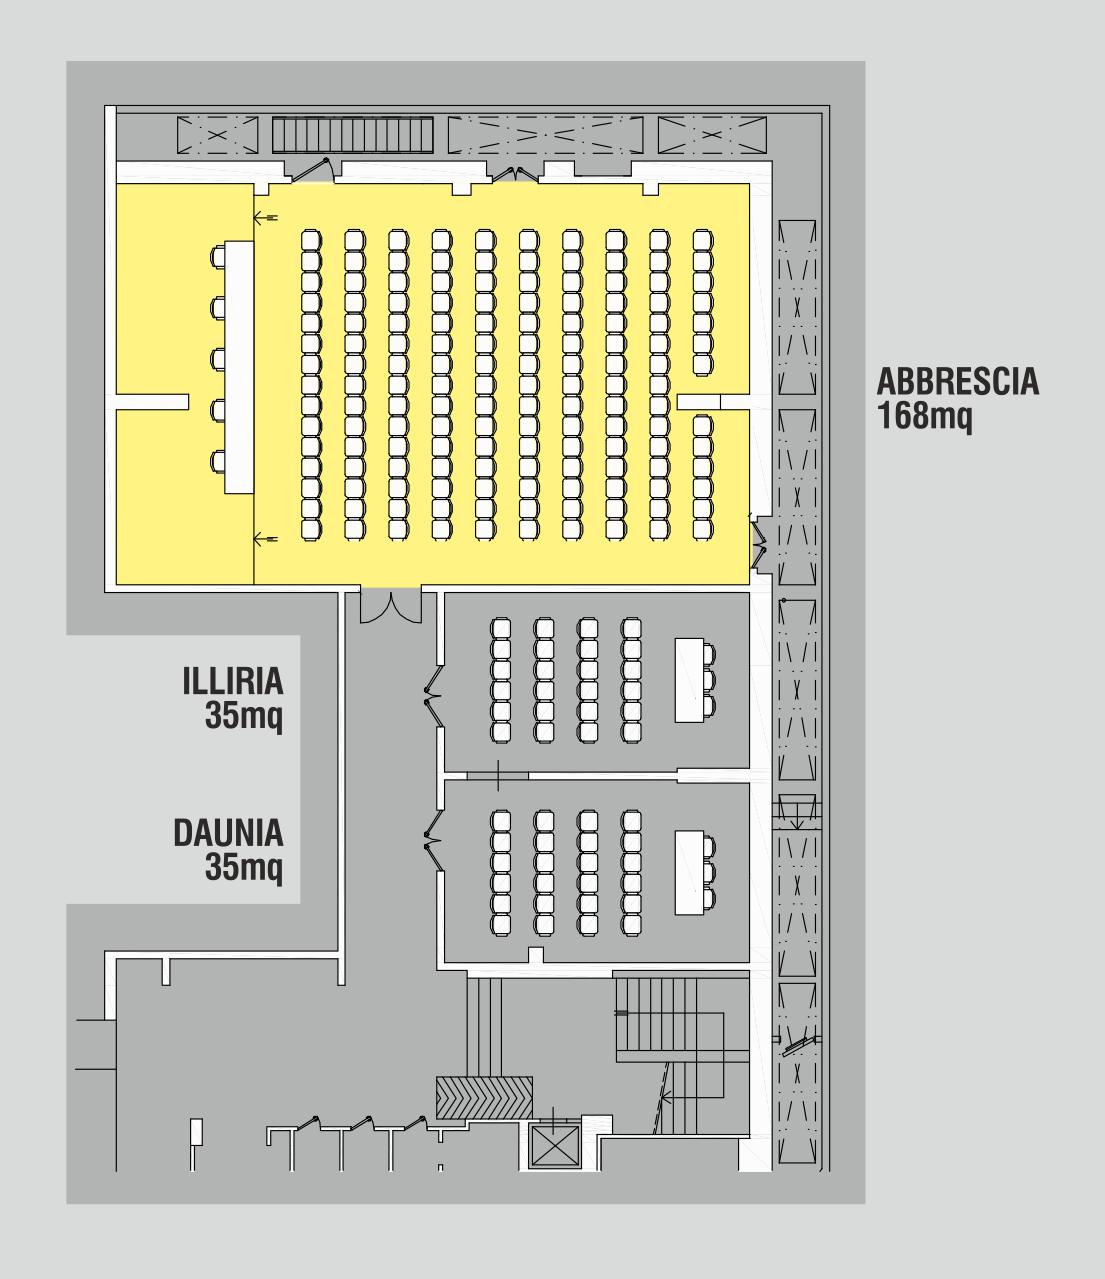 Sala Abbrescia